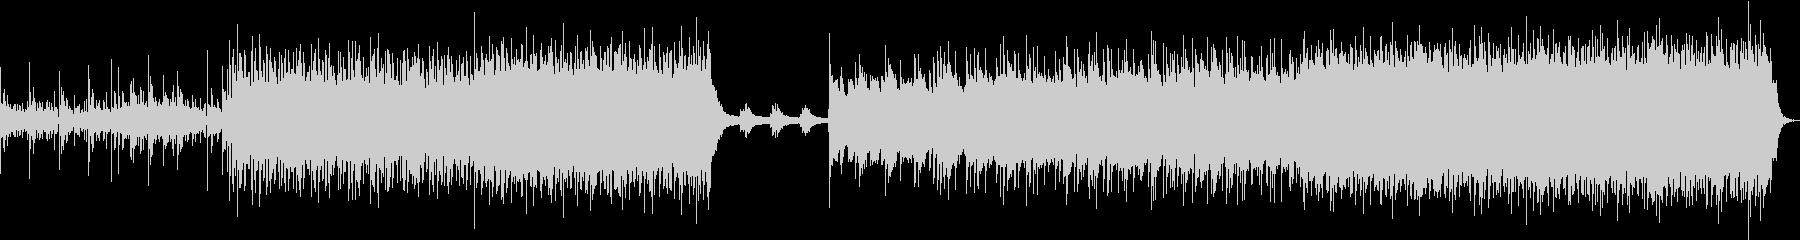 激情系ハードコア風のギター・インスト曲の未再生の波形